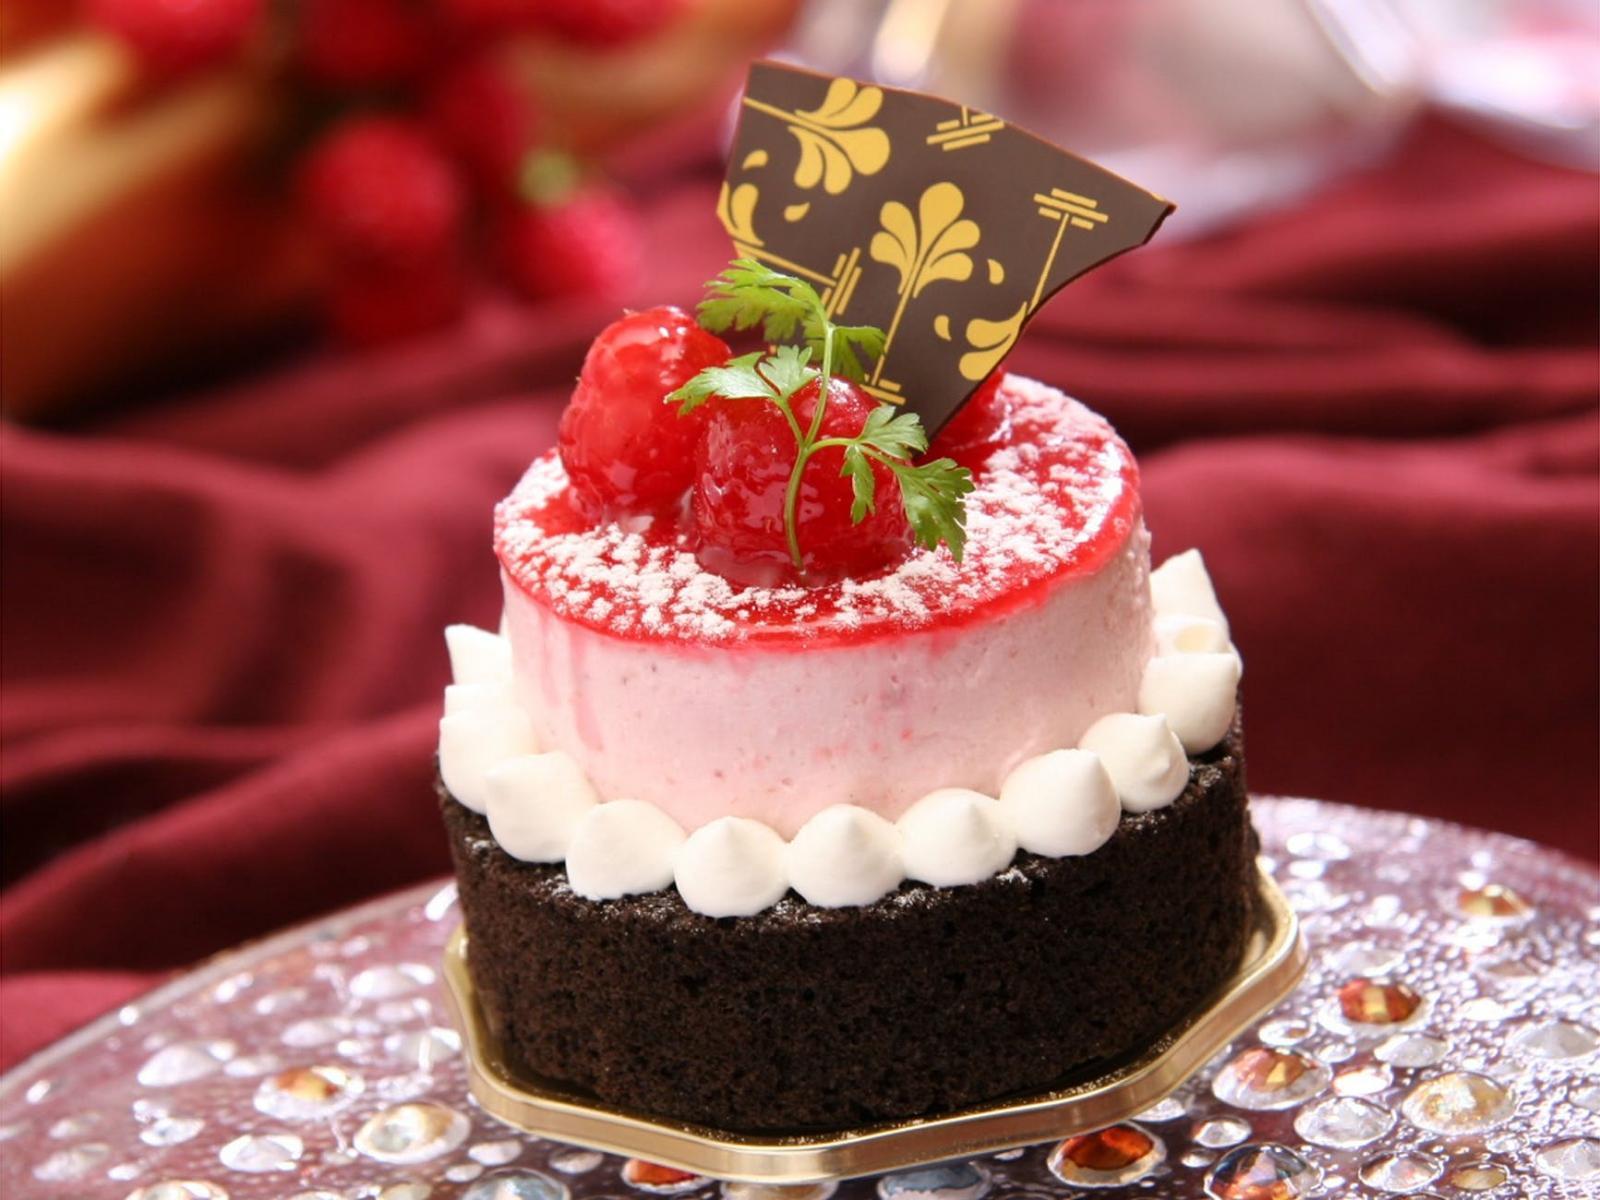 Sangaria Cake